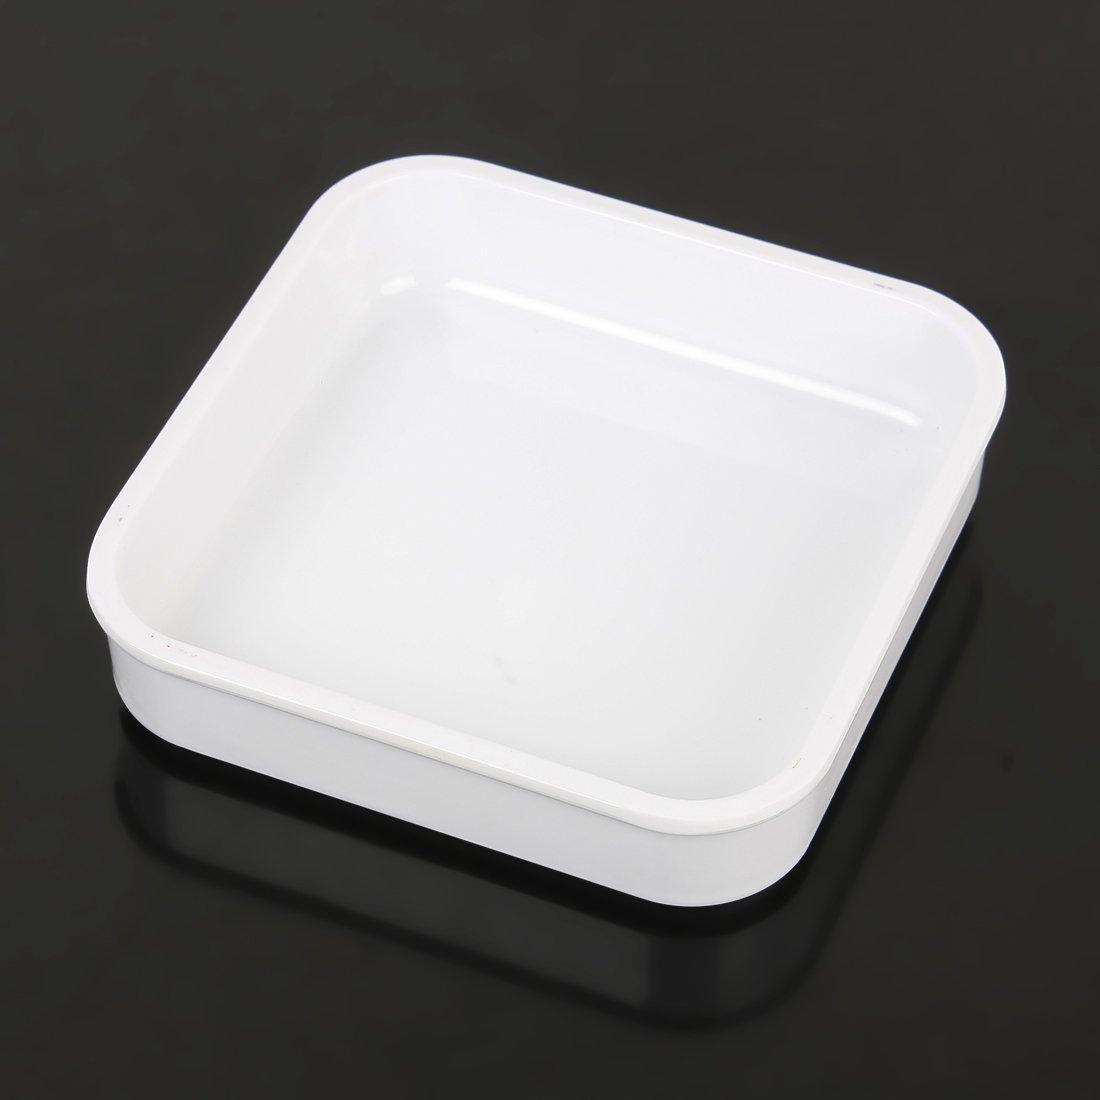 Amazon.com: Placas de salada DealMux Praça bandeja plástica Dish Pot placa branca: Kitchen & Dining